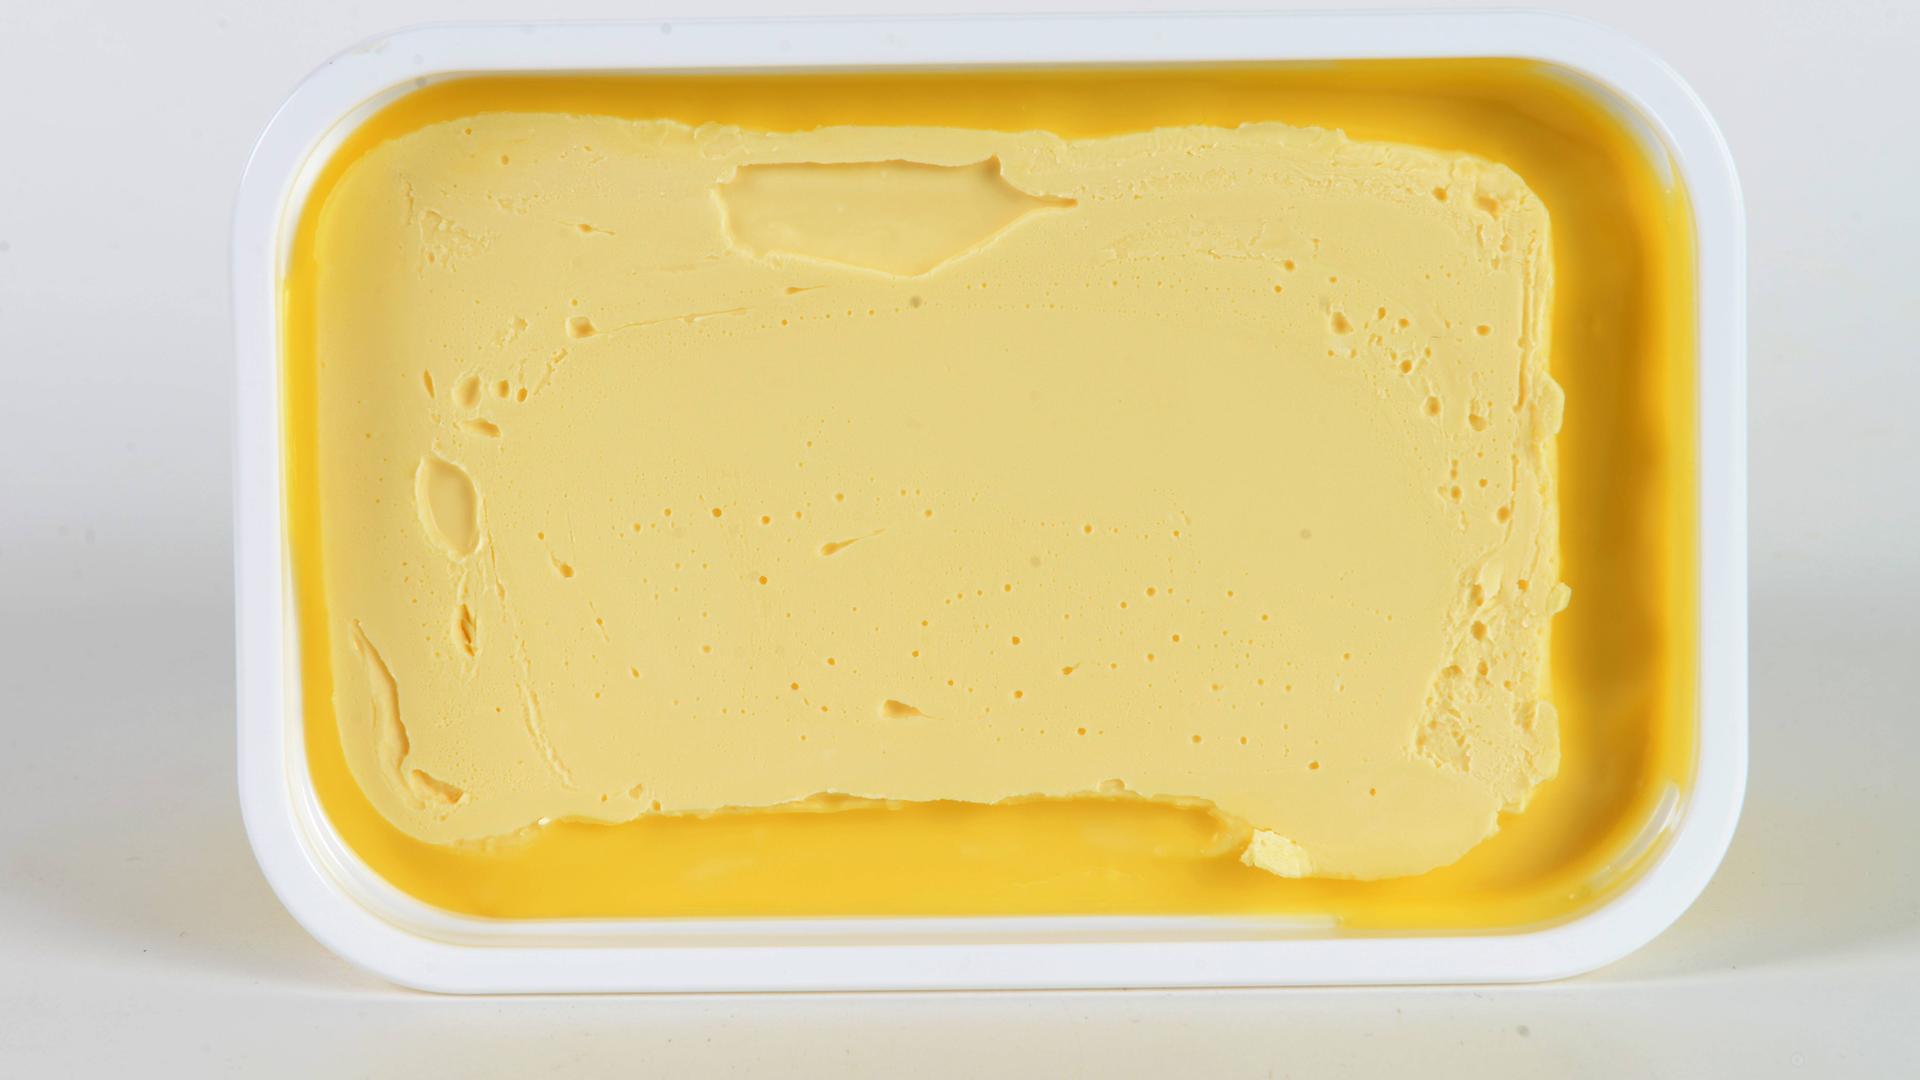 Gesünder Als Butter Margarine Im Test Zdfmediathek